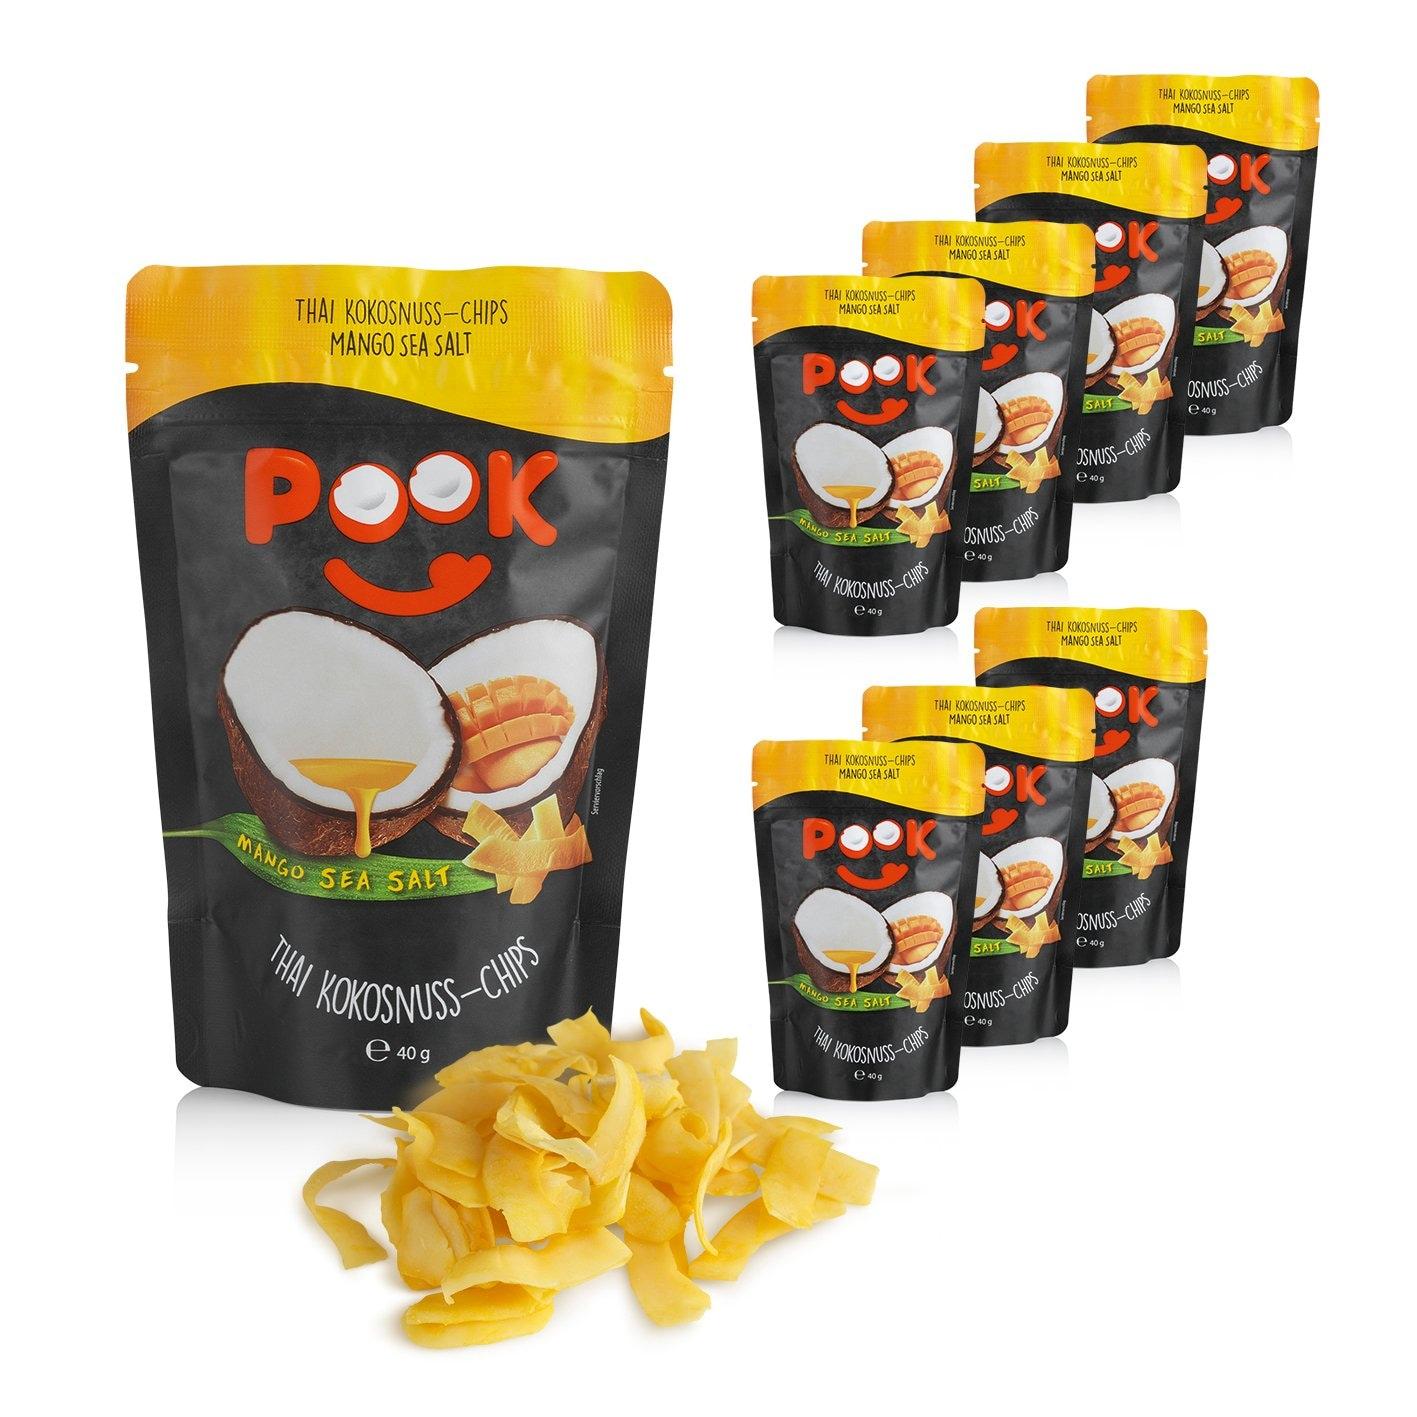 POOK Kokosnuss-Chips Mango Sea Salt 8er-Set 40g